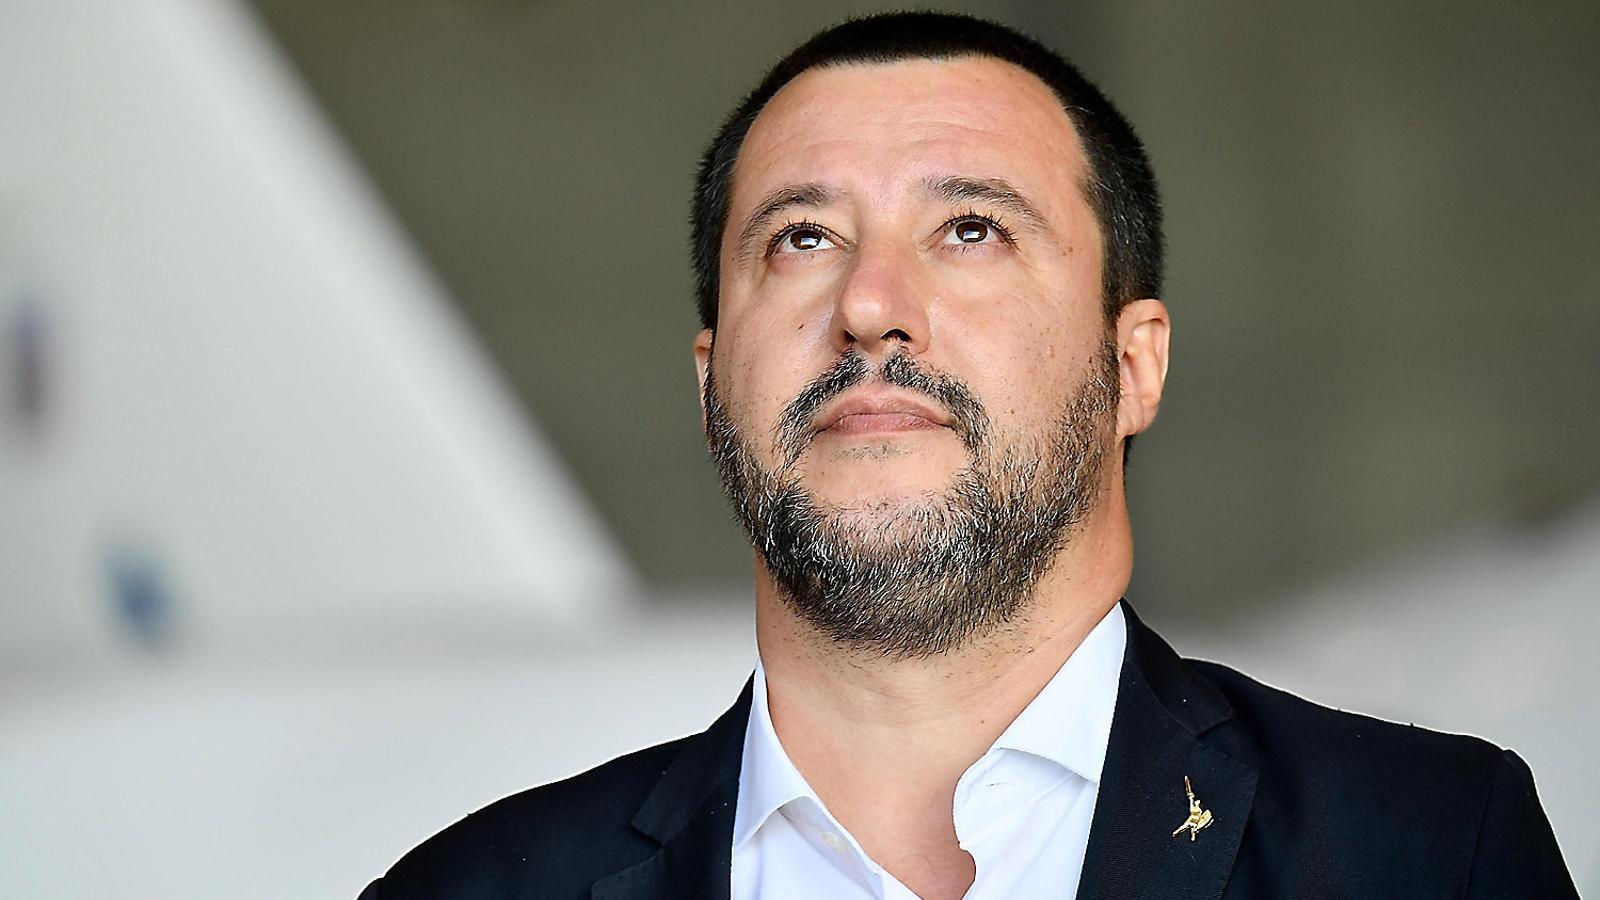 Salvini endureix la llei migratòria